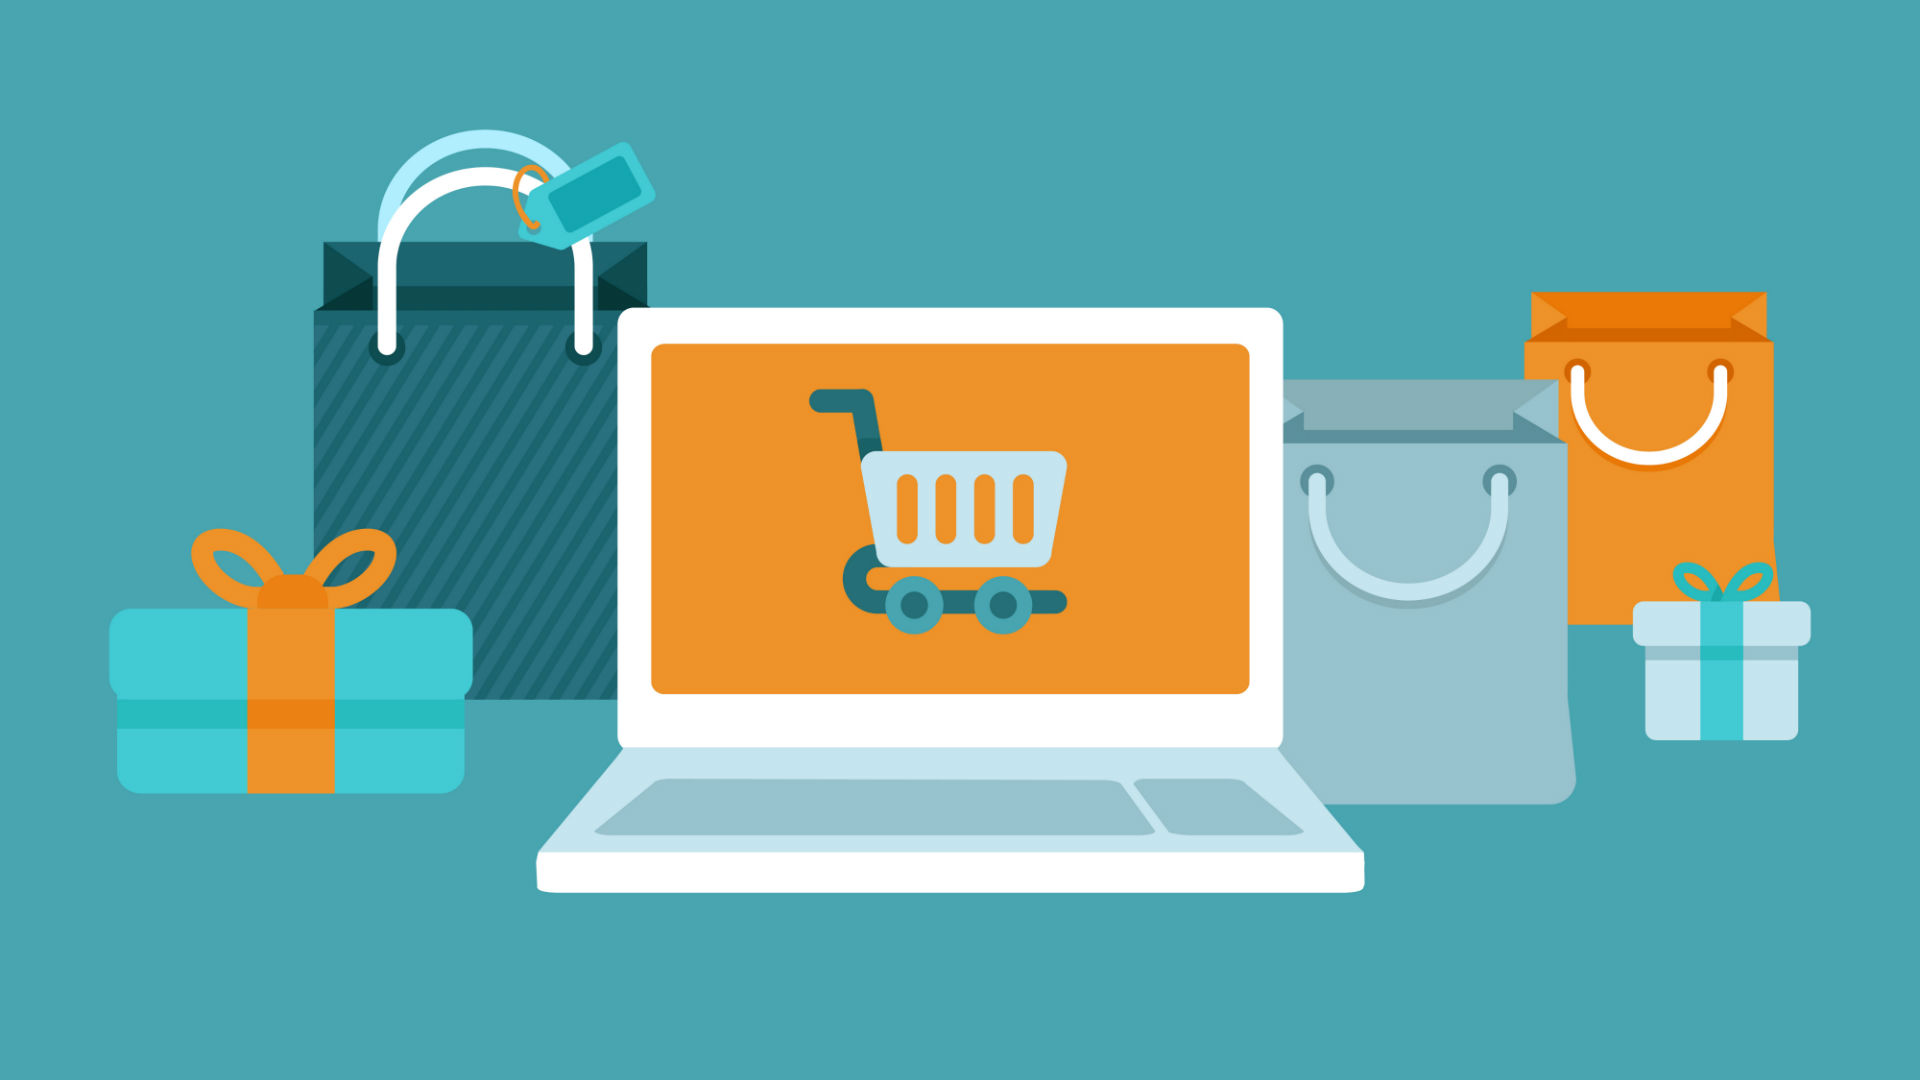 рынок e-commerce в 2030 году